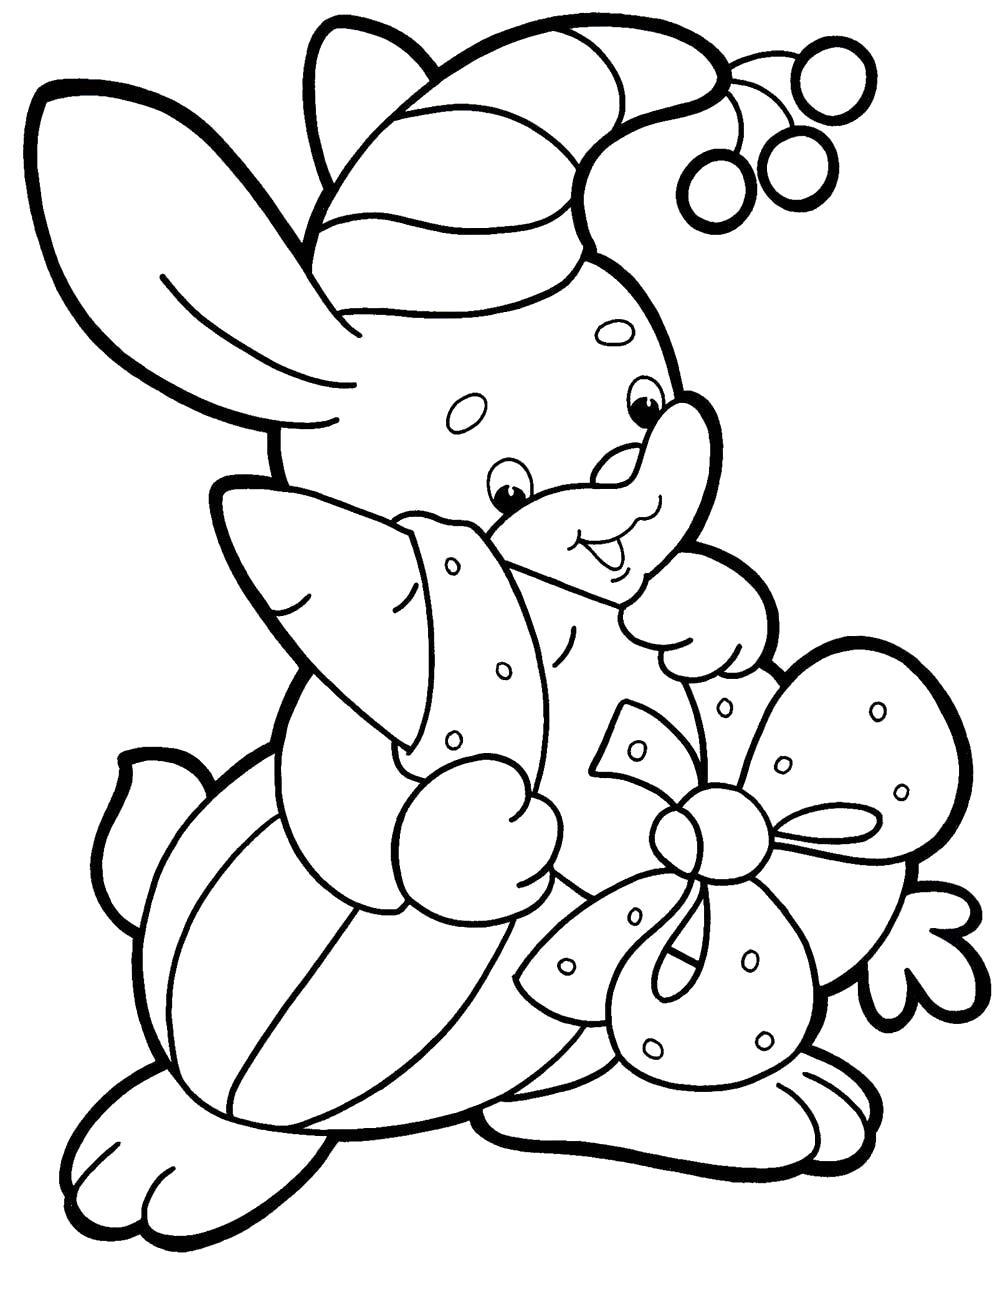 Название: Раскраска морковка в подарок зайке. Категория: Подарки. Теги: Подарки.